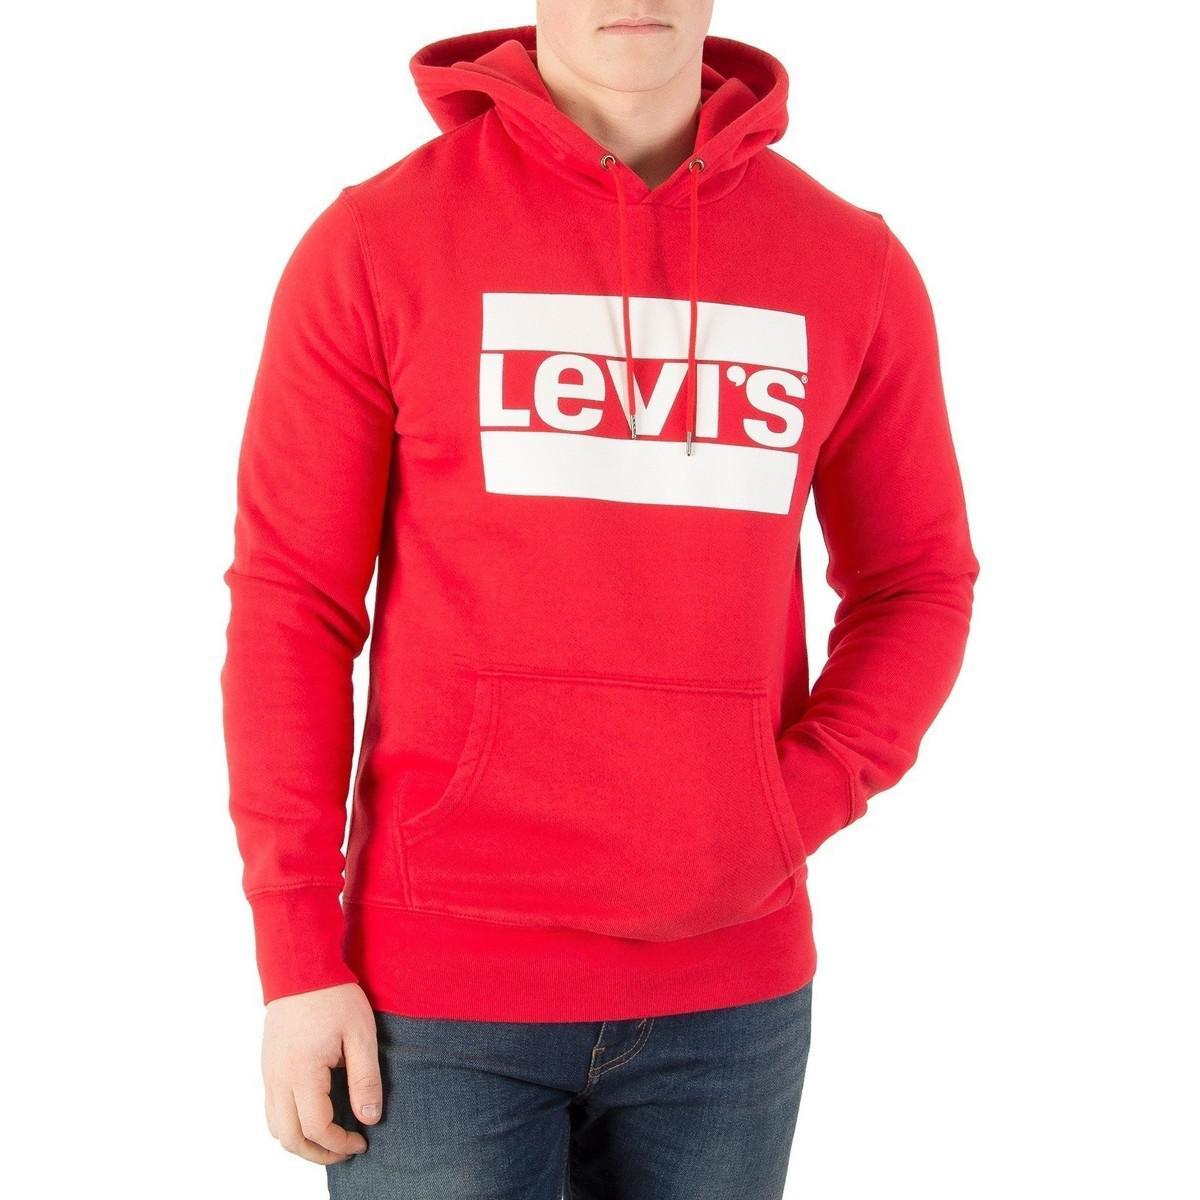 Homme Levi's Graphique 4adxq4 Shirt Rouge Capuche Sweat Lyst À ERPqx